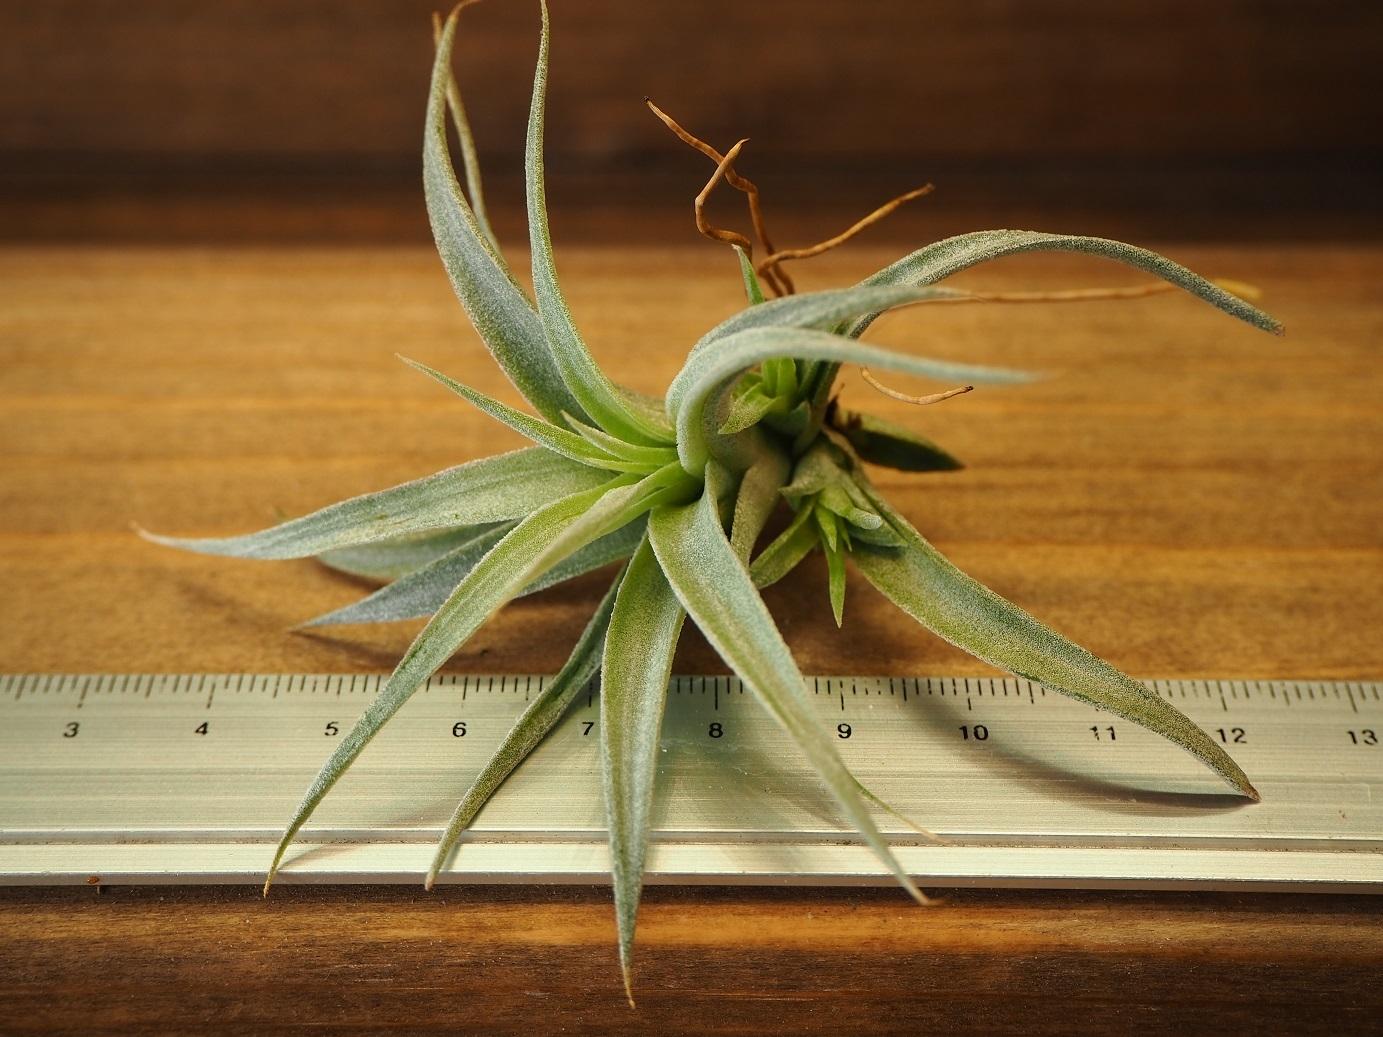 チランジア / チアペンシス (T.chiapensis) Sサイズ